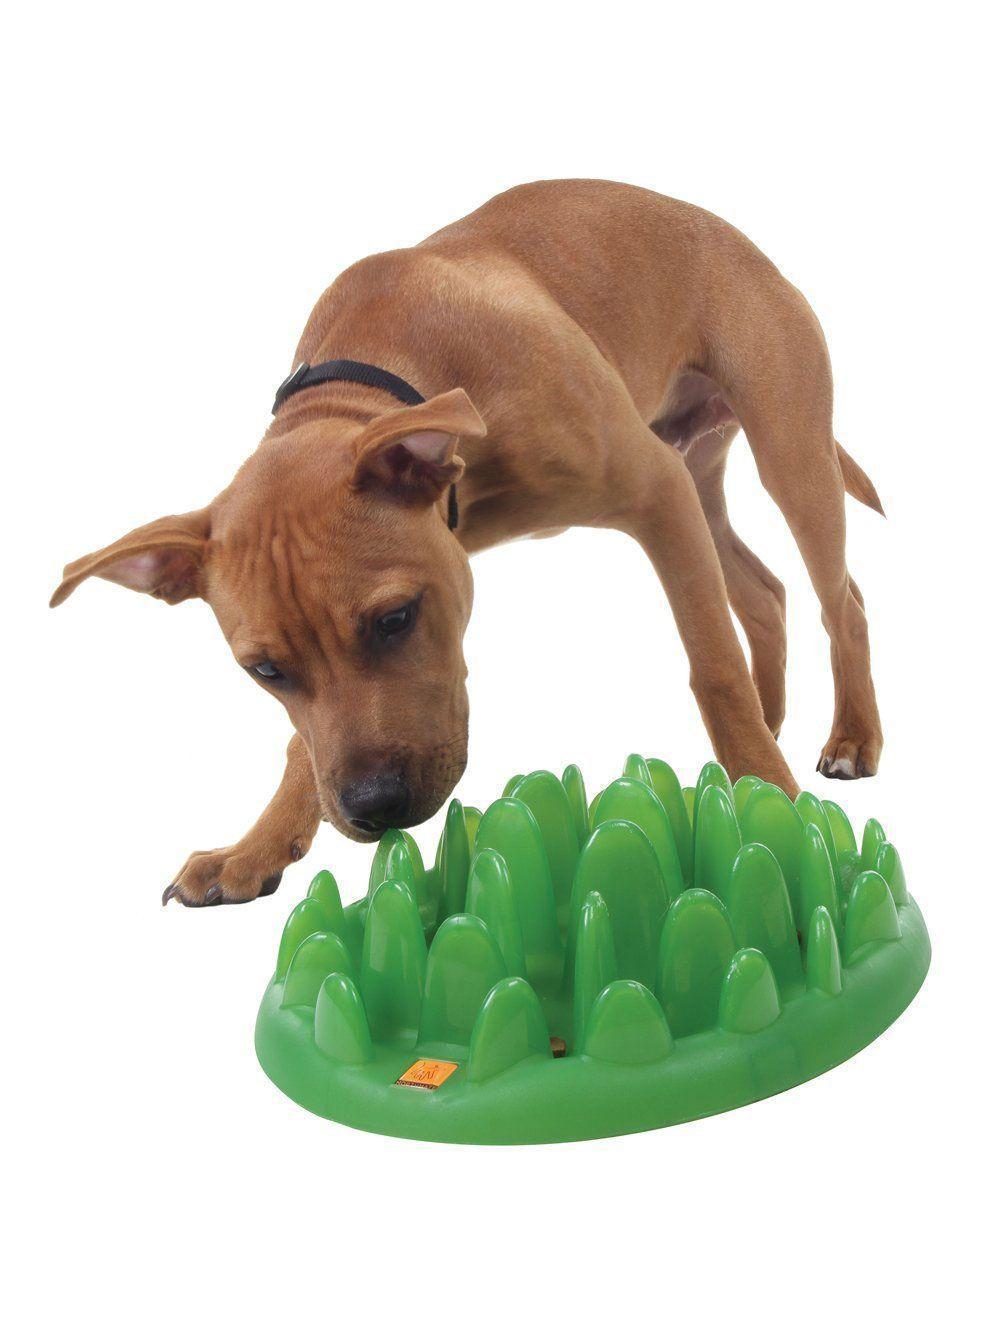 Comedero de para perros Green slow feeder M